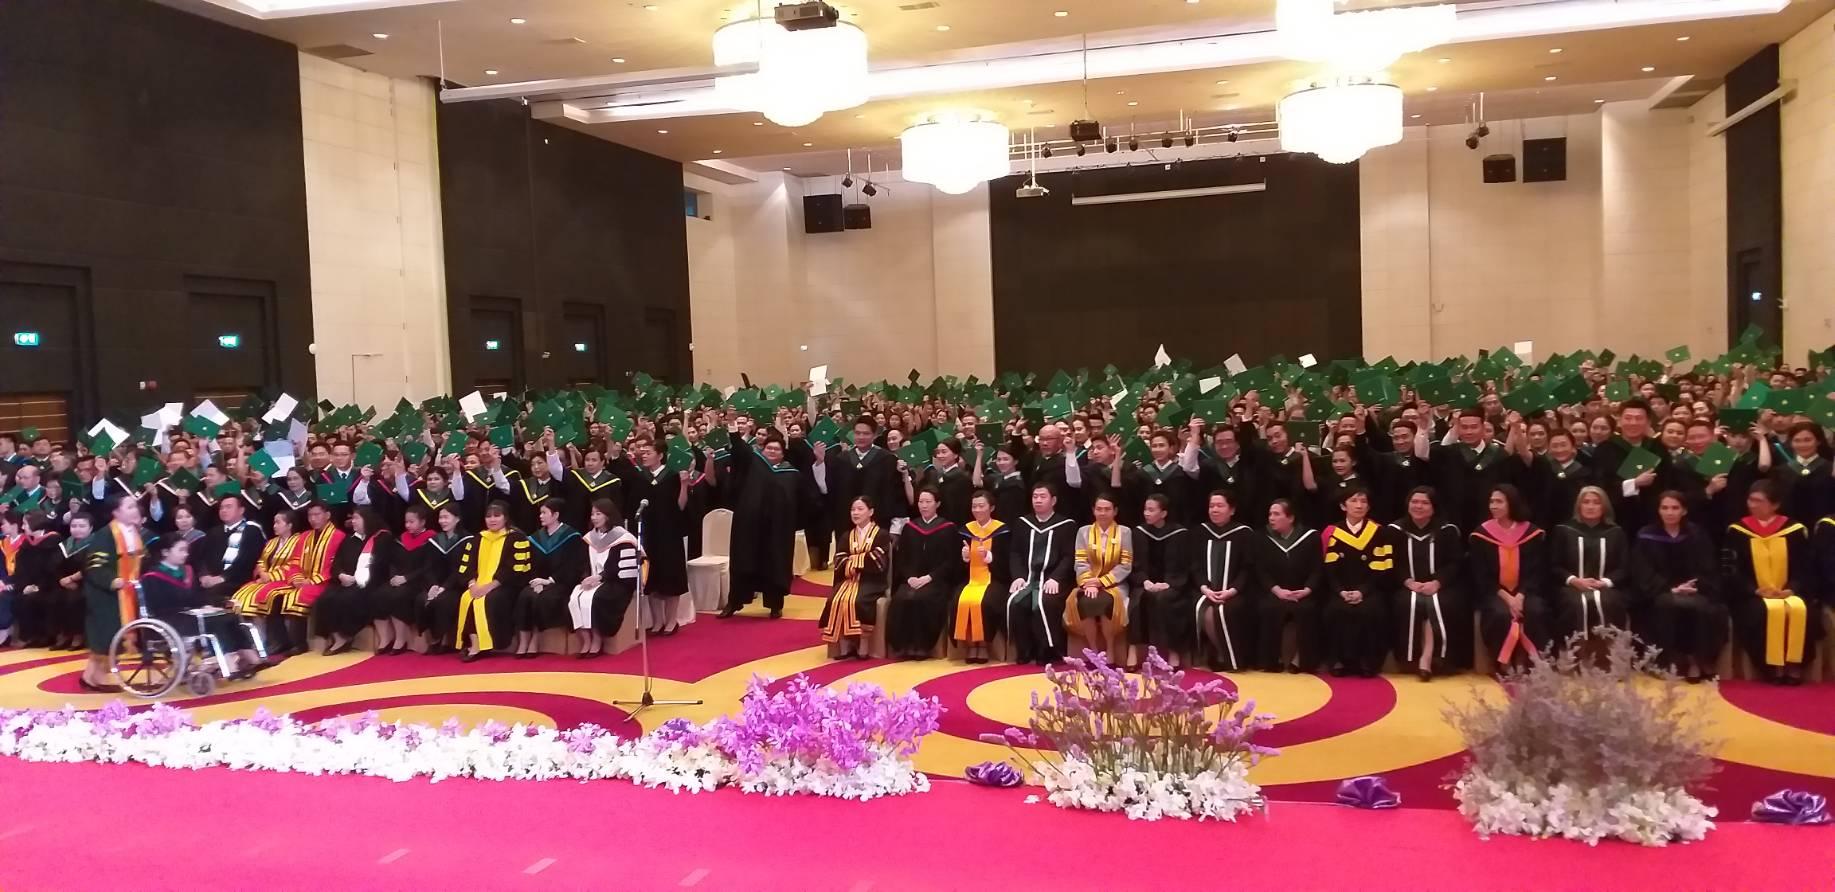 泰国留学|泰国格乐大学毕业典礼纪实